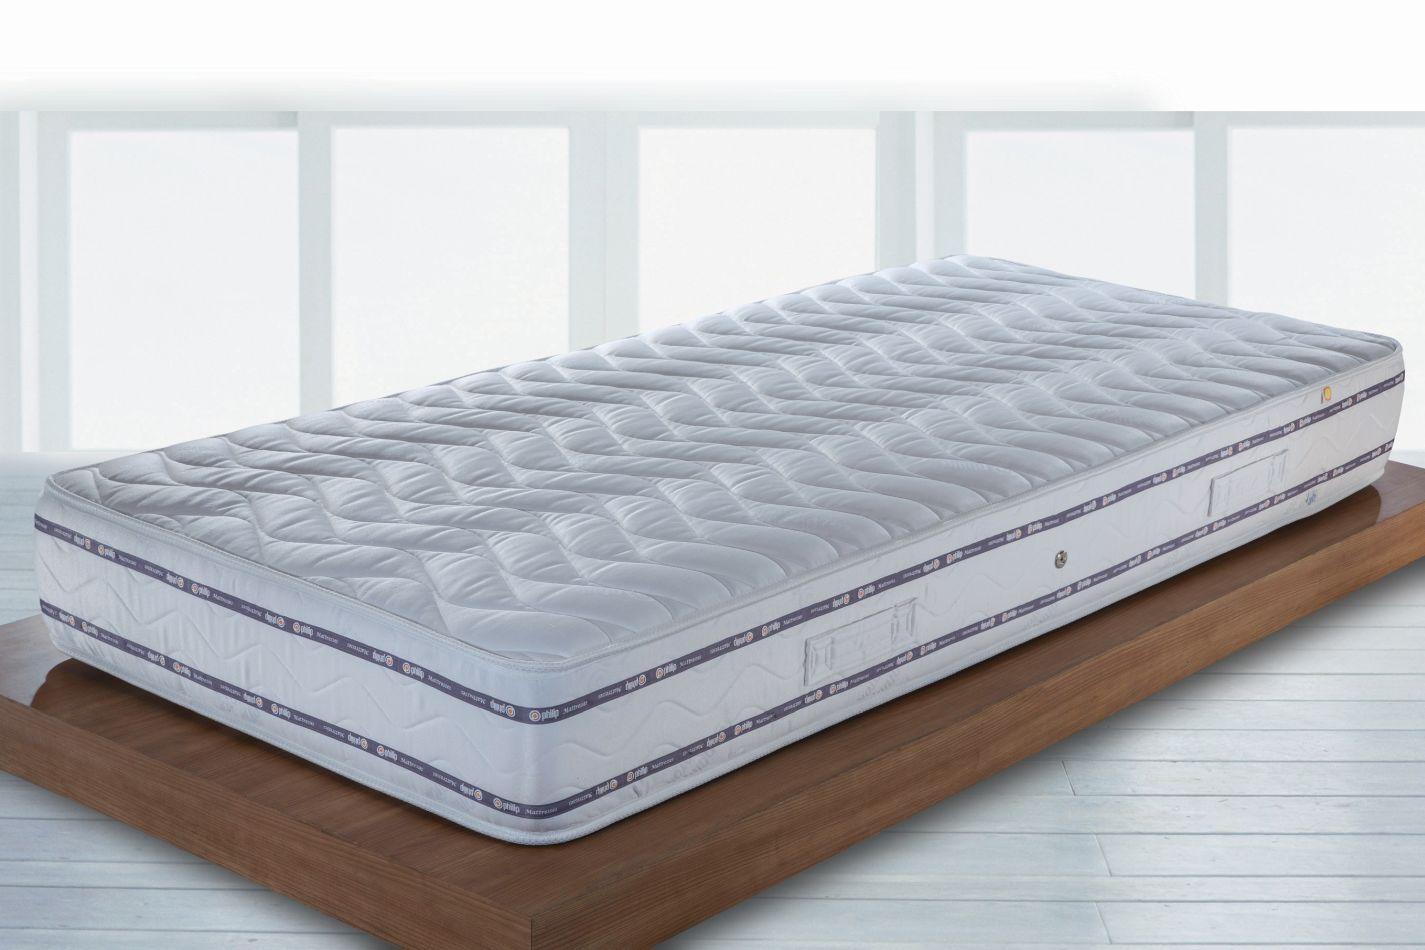 Matratze Elegance Relax mit Bonell Federkern - Abmessungen: 90 x 200 cm